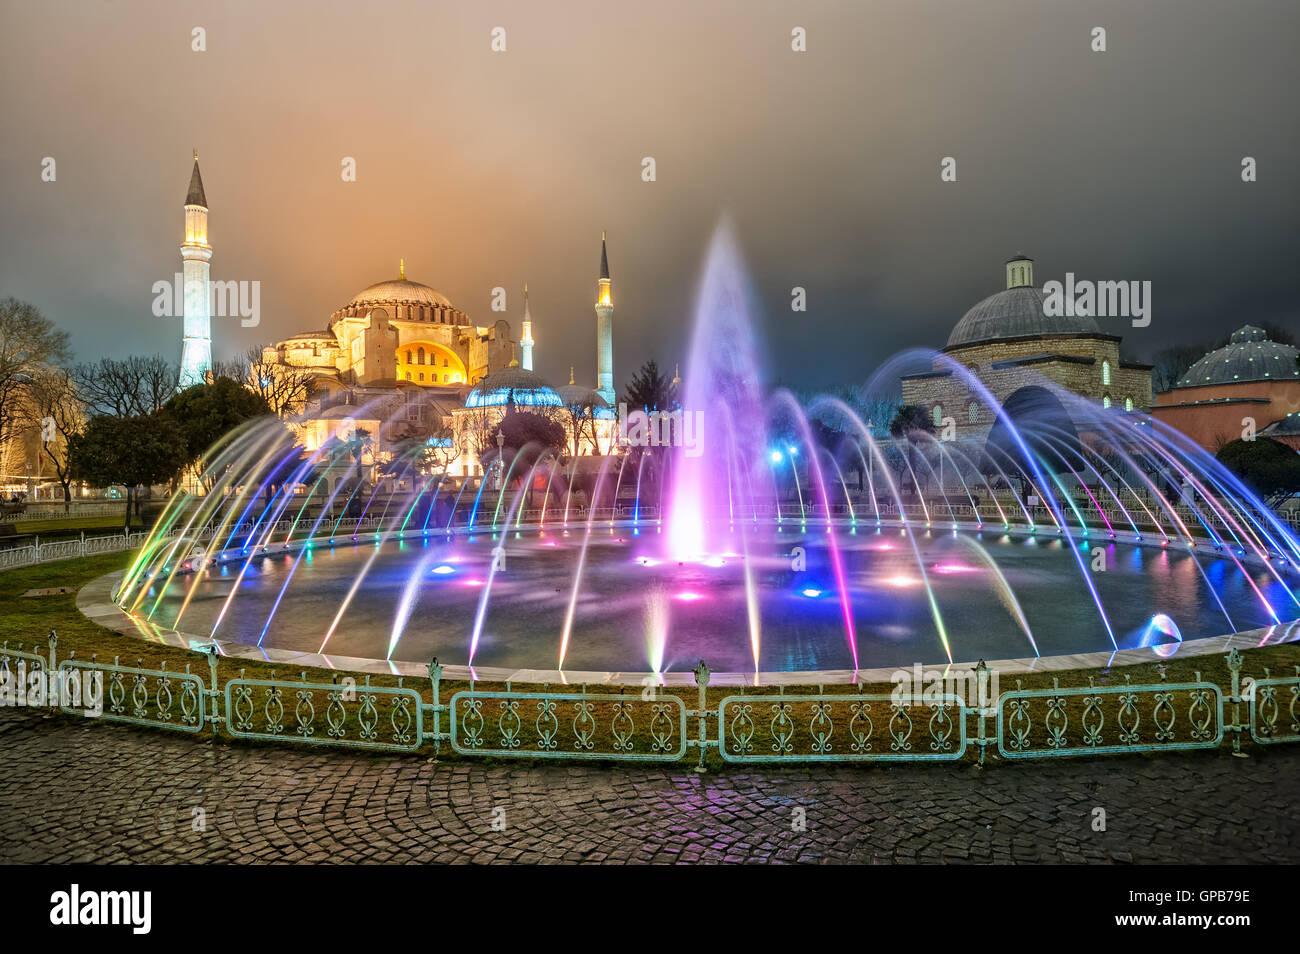 Hagia Sophia e fontana colorata in Sultanahmet park, Istanbul, Turchia, a tarda sera Immagini Stock